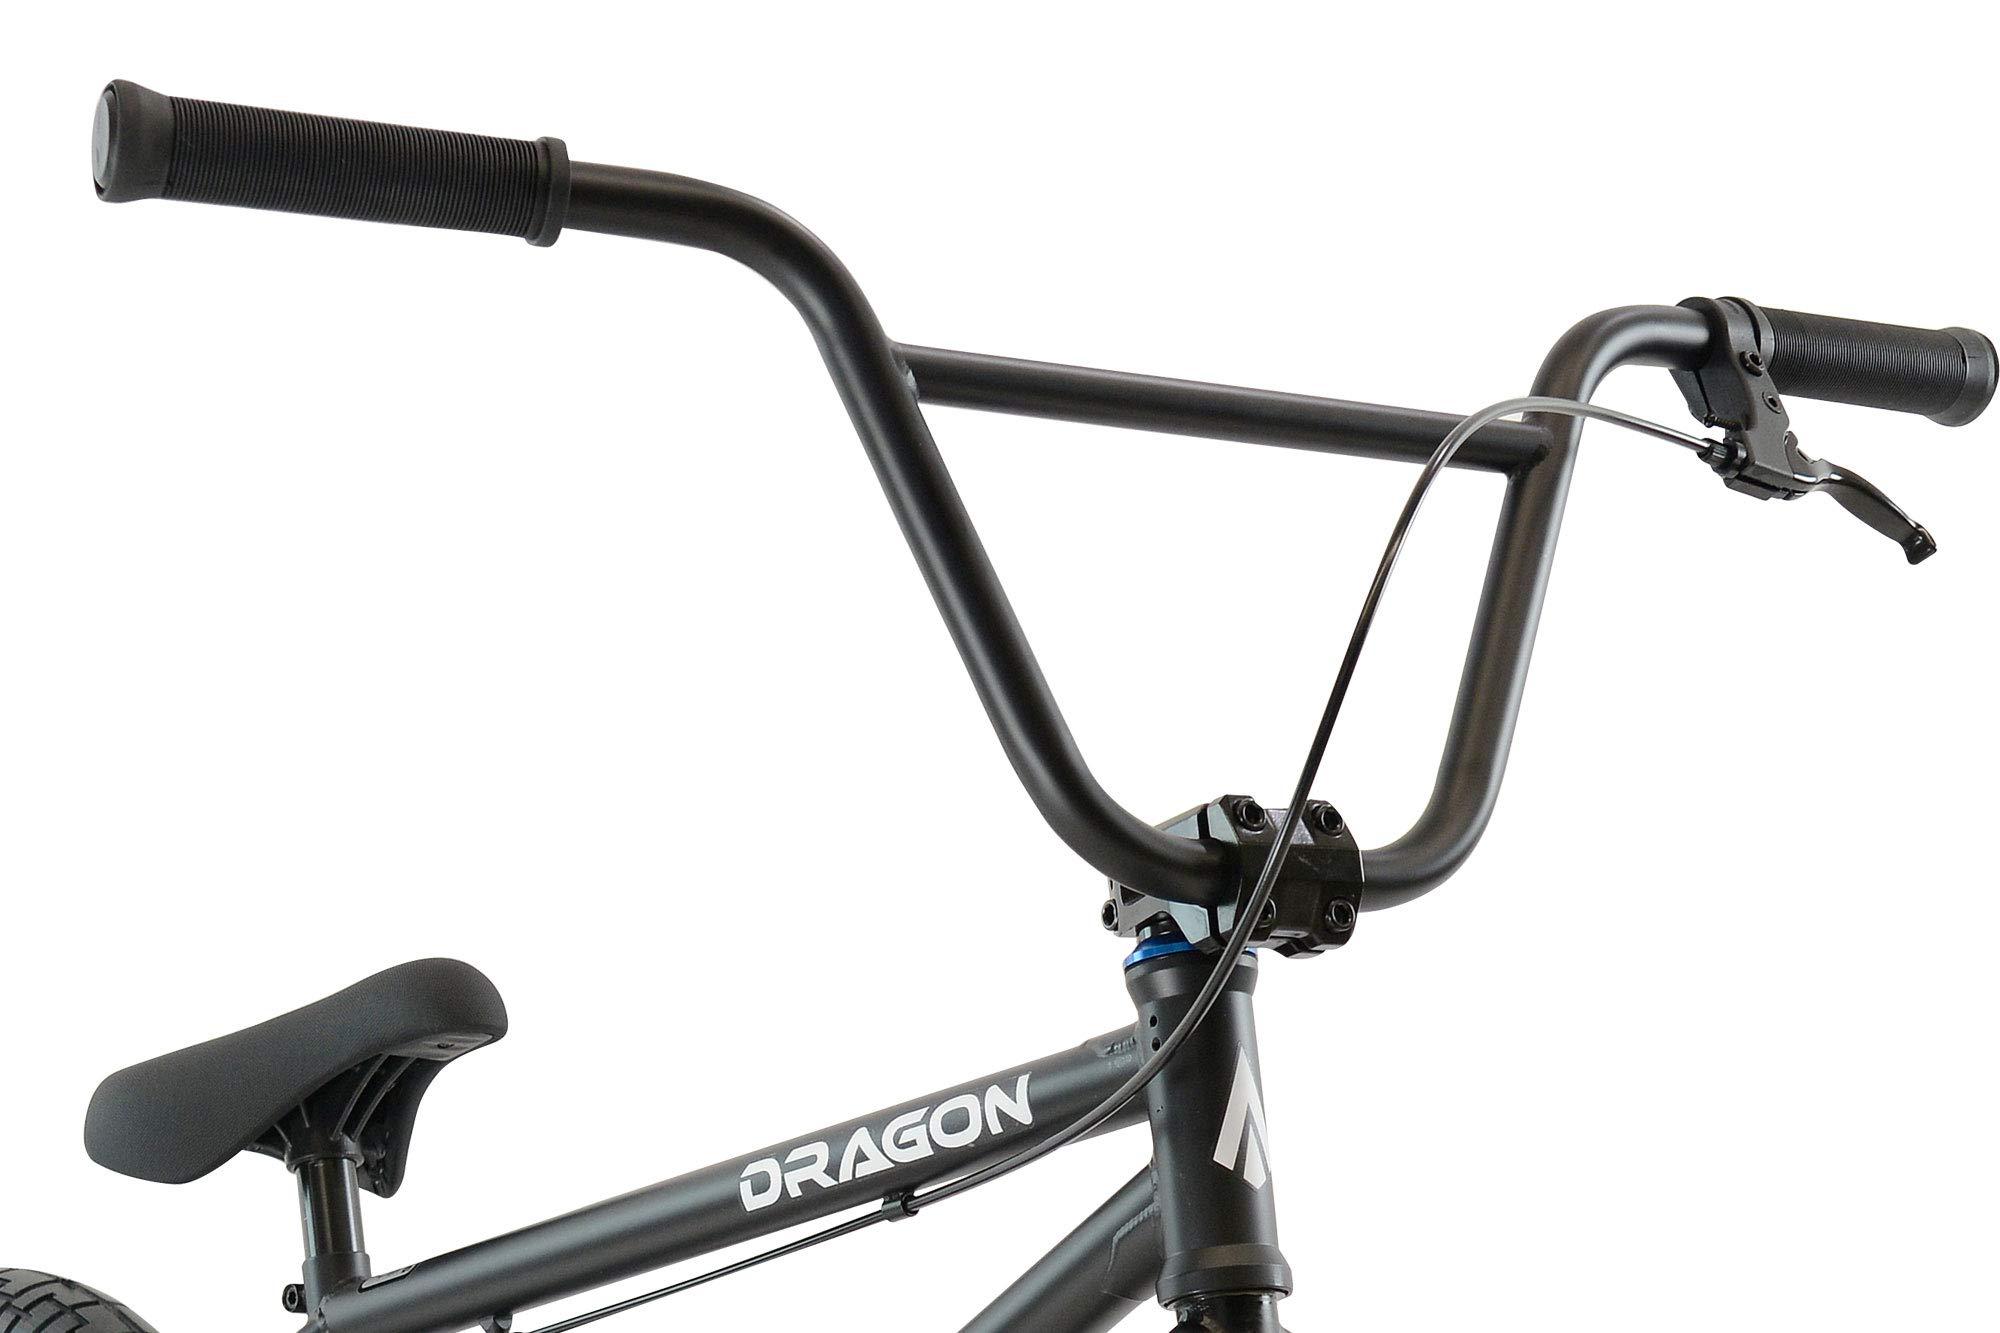 Tribal Dragon Bicicleta BMX – Piezas negro mate/azul: Amazon.es ...